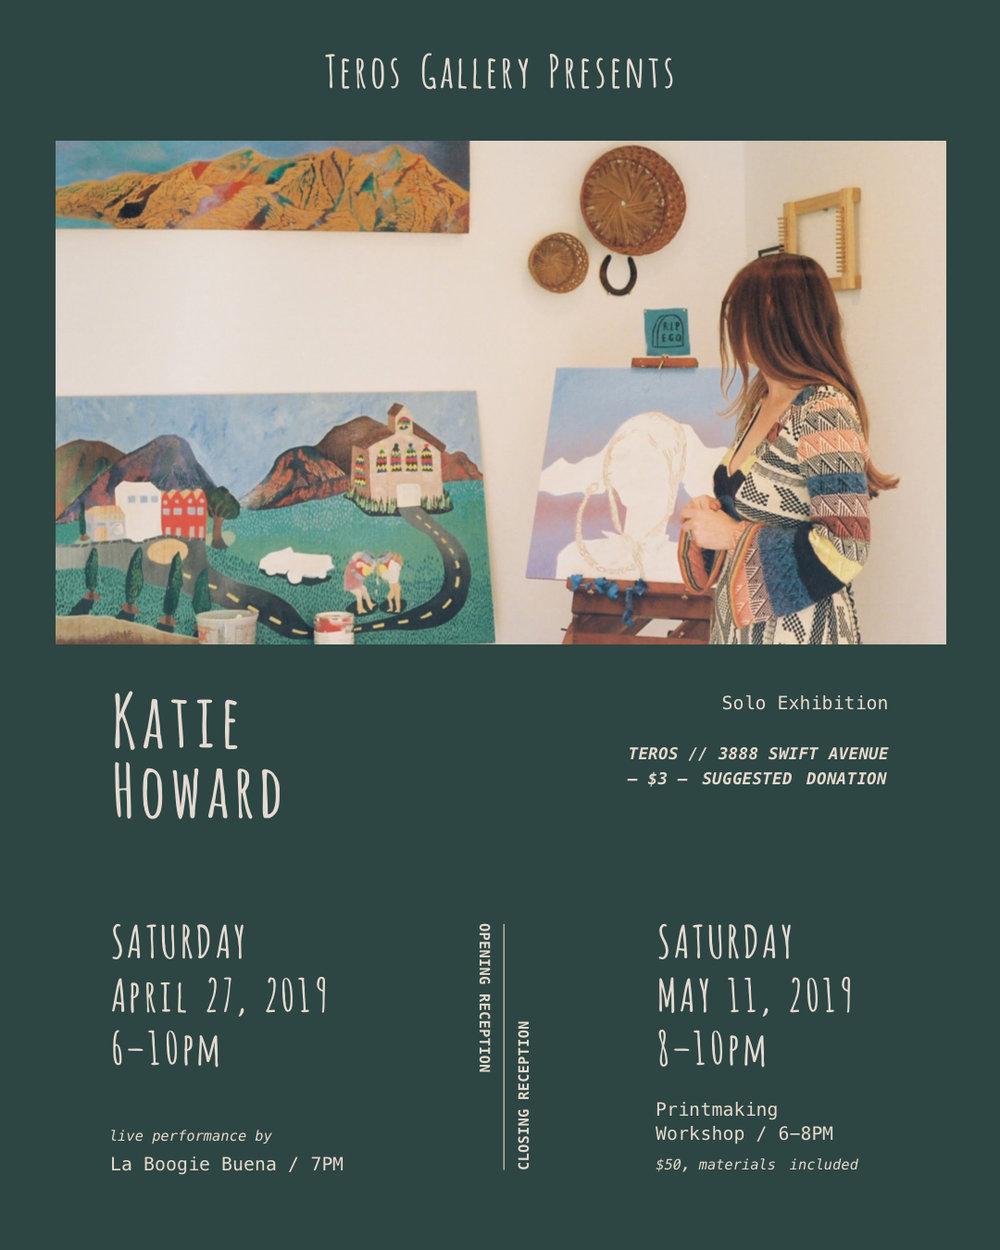 Katie Howard: Solo Exhibition flyer at Teros Gallery, San Diego